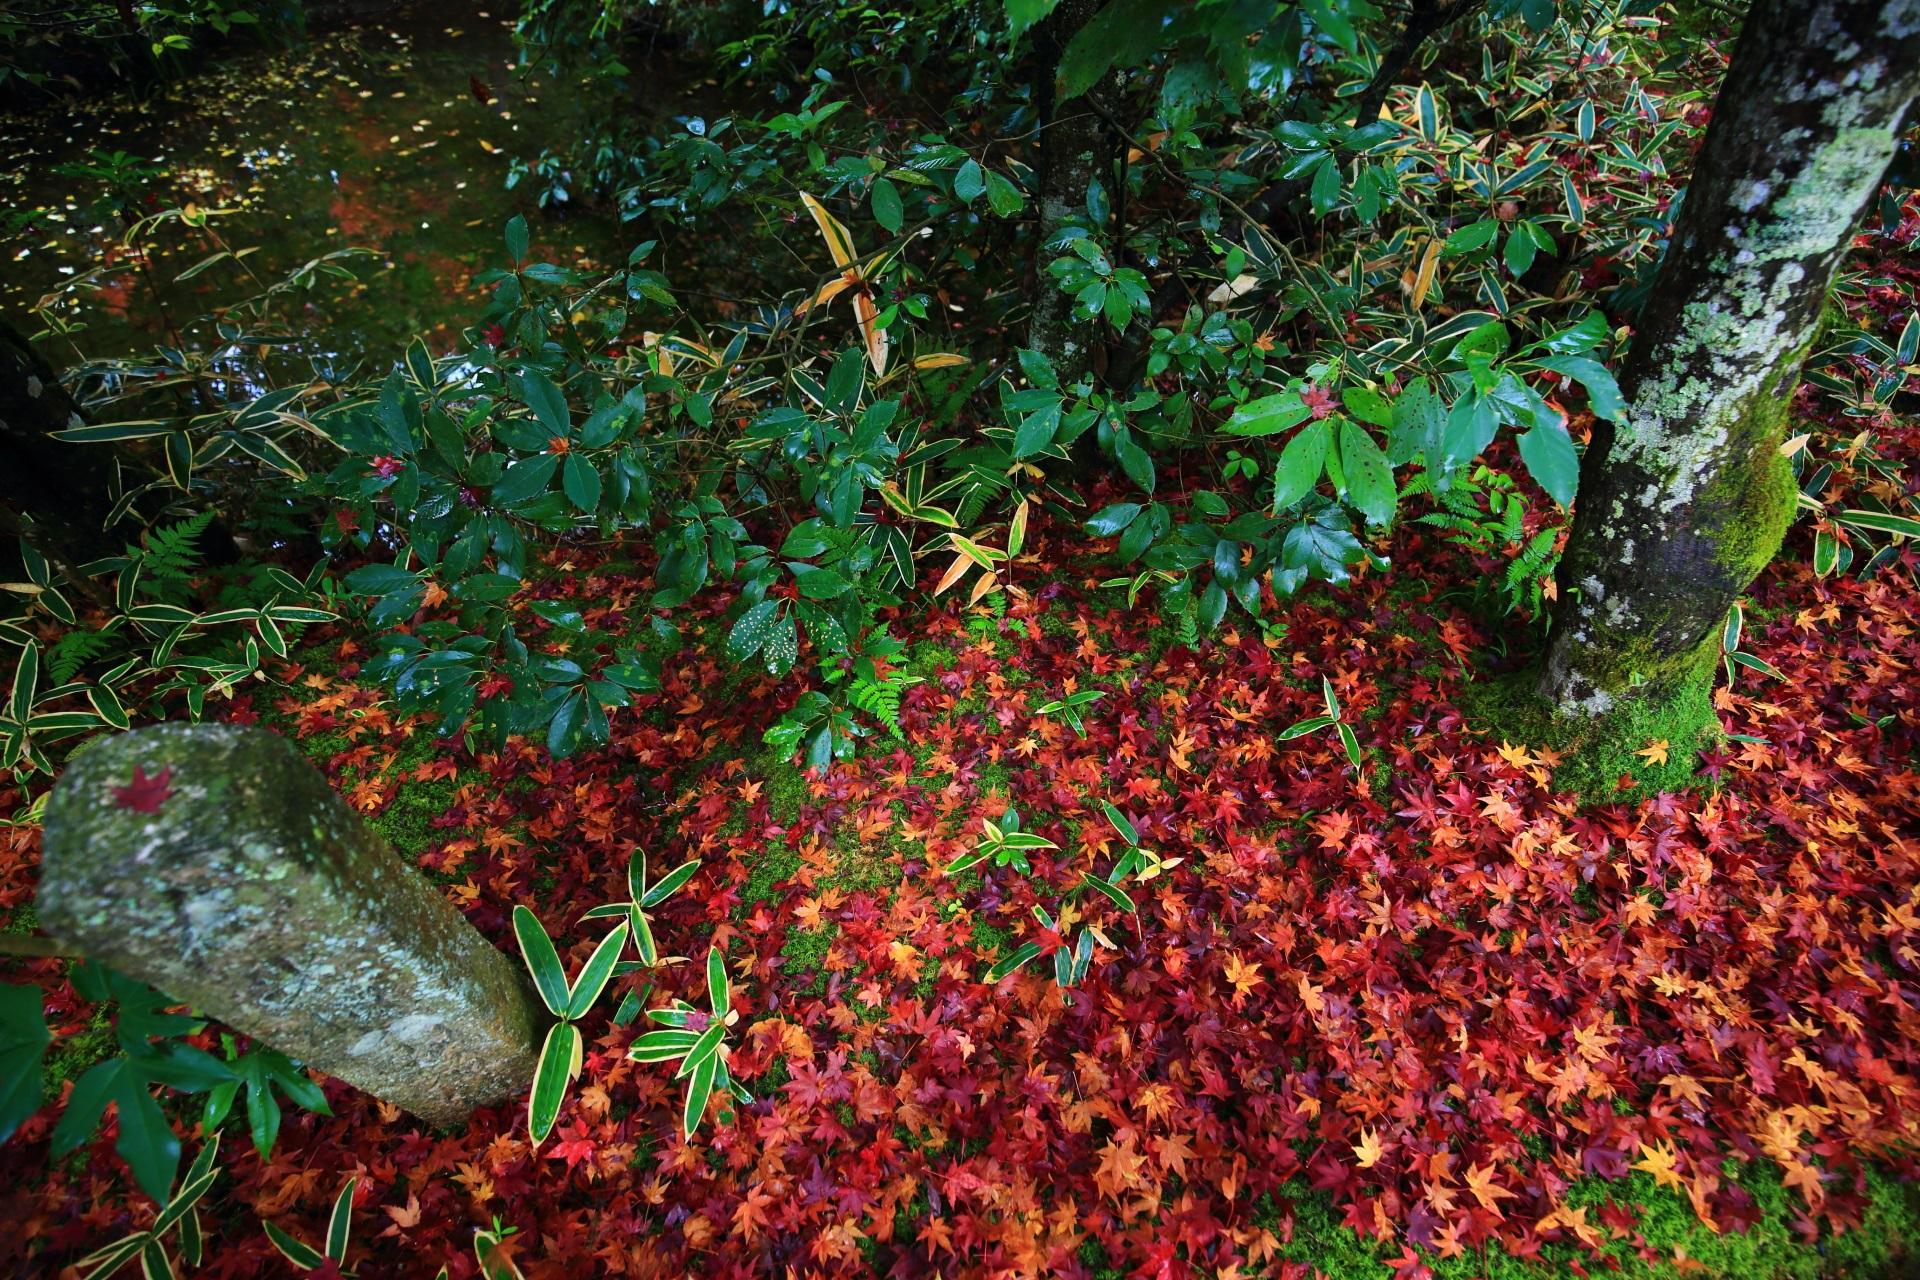 光悦寺の水辺と緑を染める散りもみじ